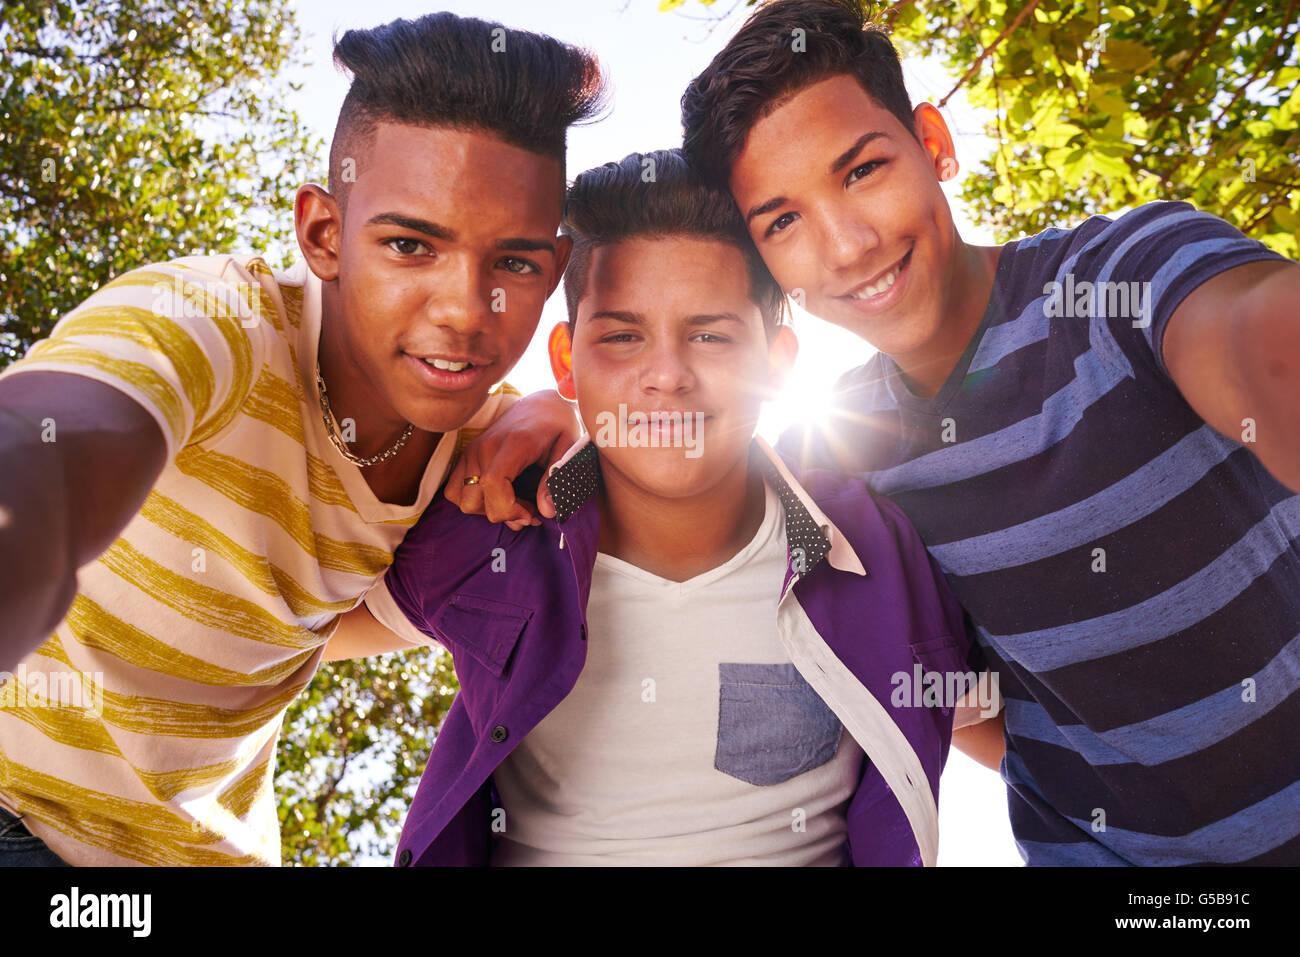 La cultura giovanile, multietnico teens all'aperto abbracciando e cercando felice a telecamera. Immagini Stock